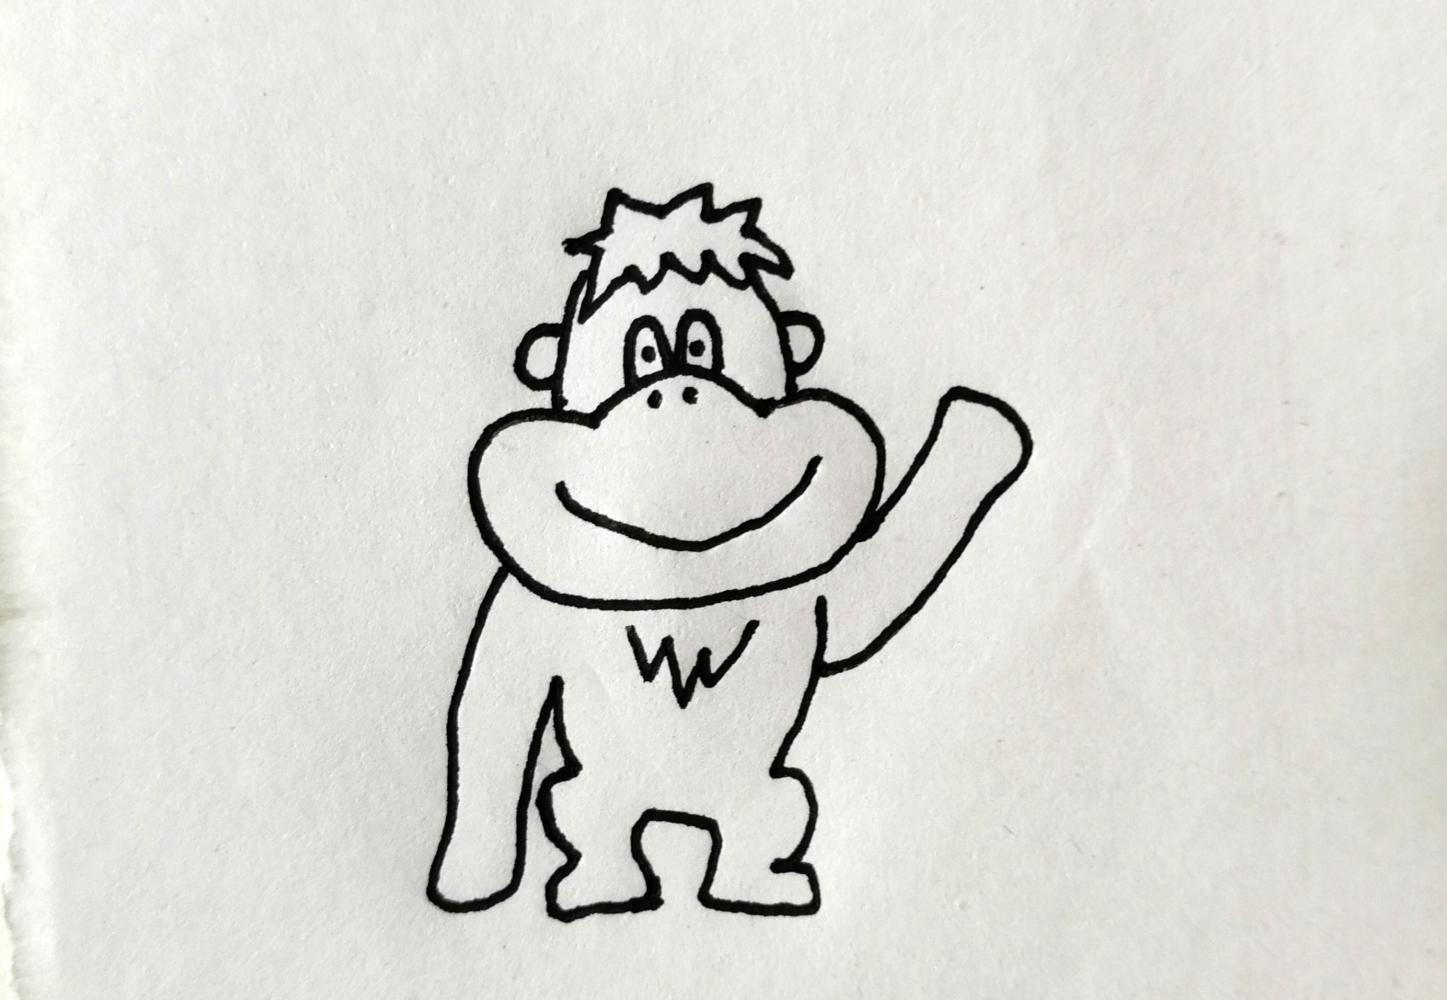 简笔画—大猩猩, 简单3步画出大猩猩, 小朋友一看就会